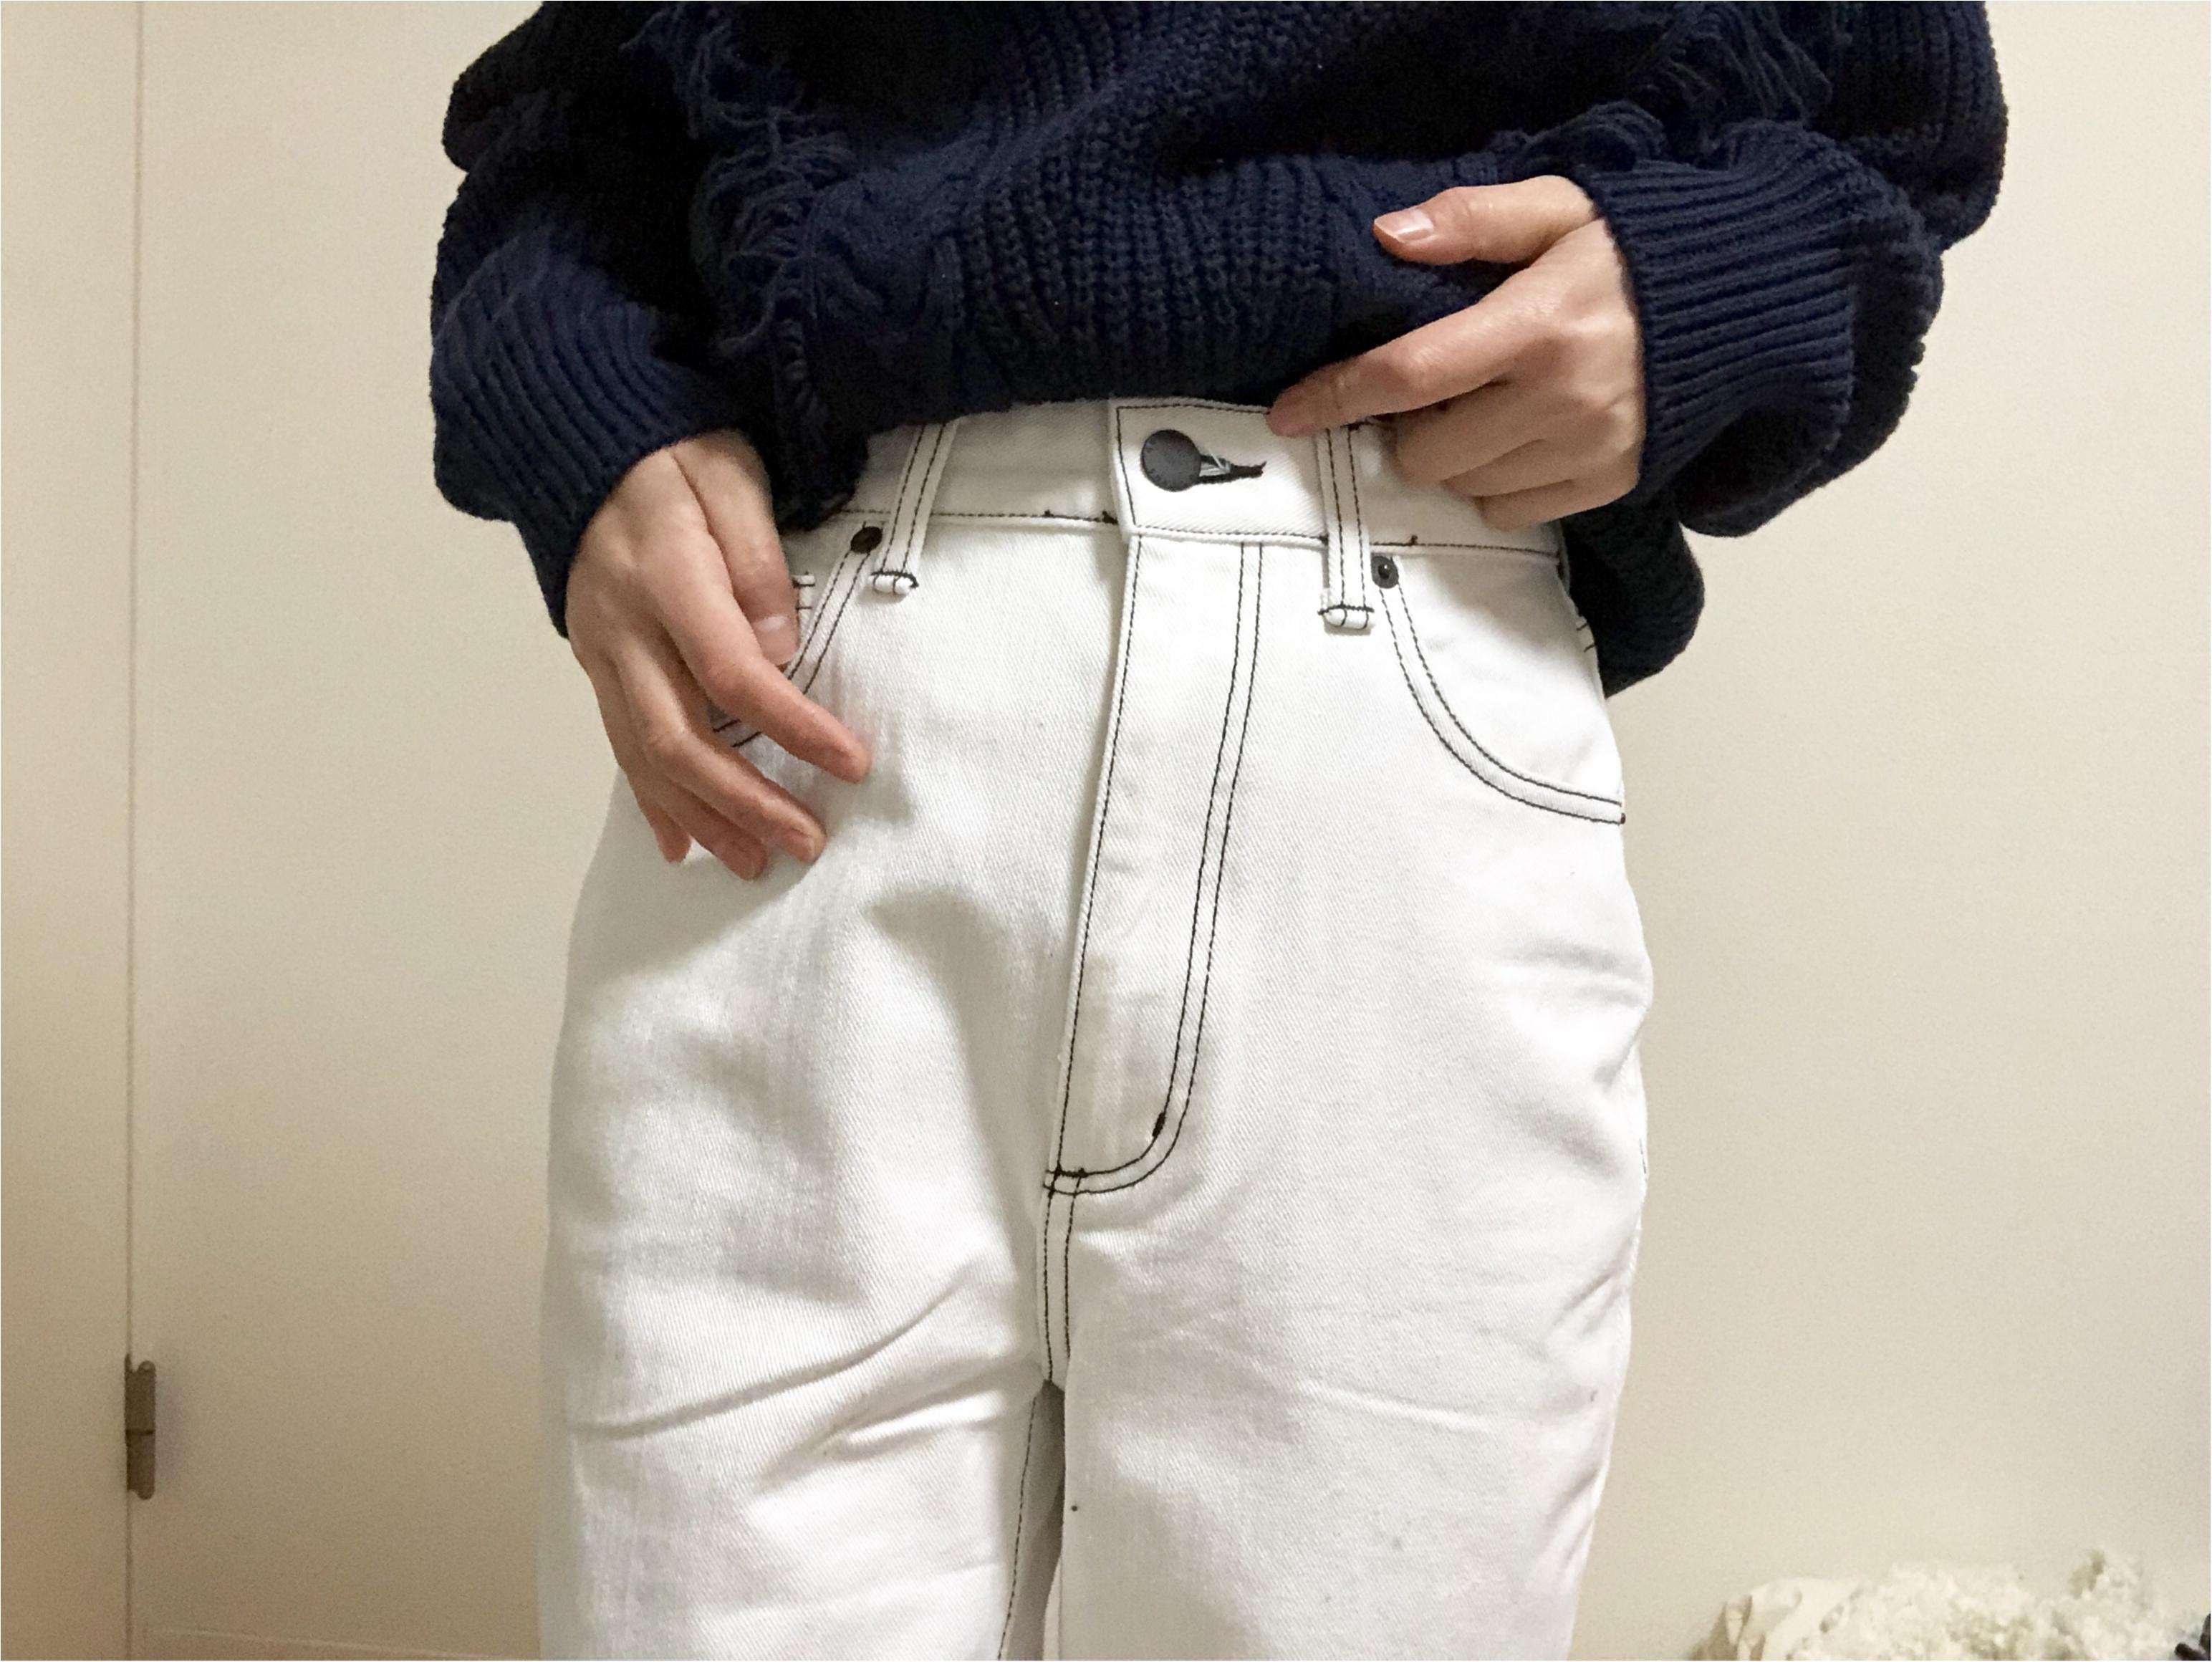 冬の買い足しアイテムに☆【GU】Instagramで話題の《ハイウエストストレートジーンズ》早速ゲット〜!_6